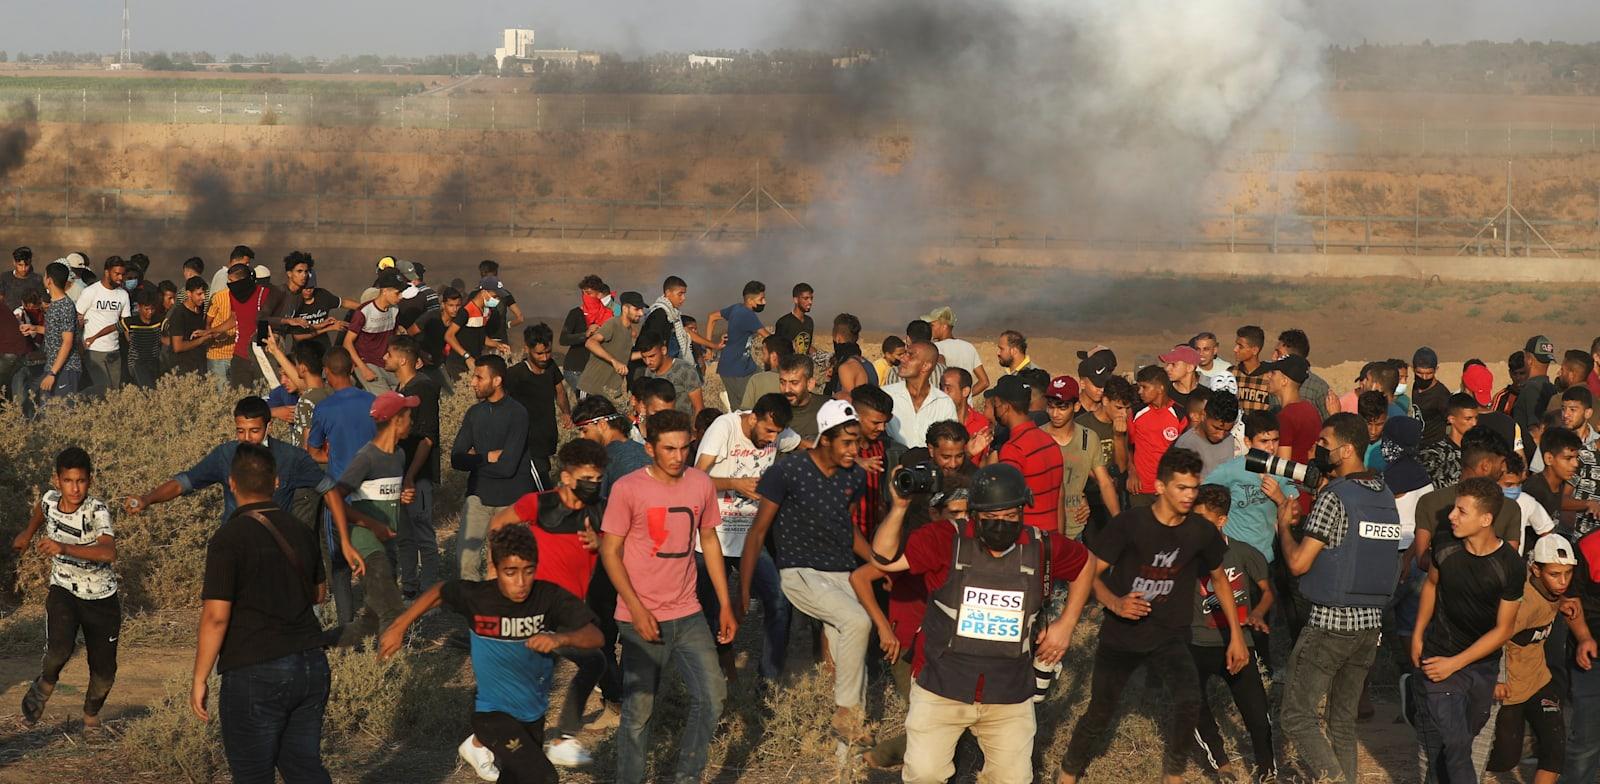 הפגנה על הגדר בגבול רצועת עזה, 28.08.2021 / צילום: Reuters, Mohammed Salem